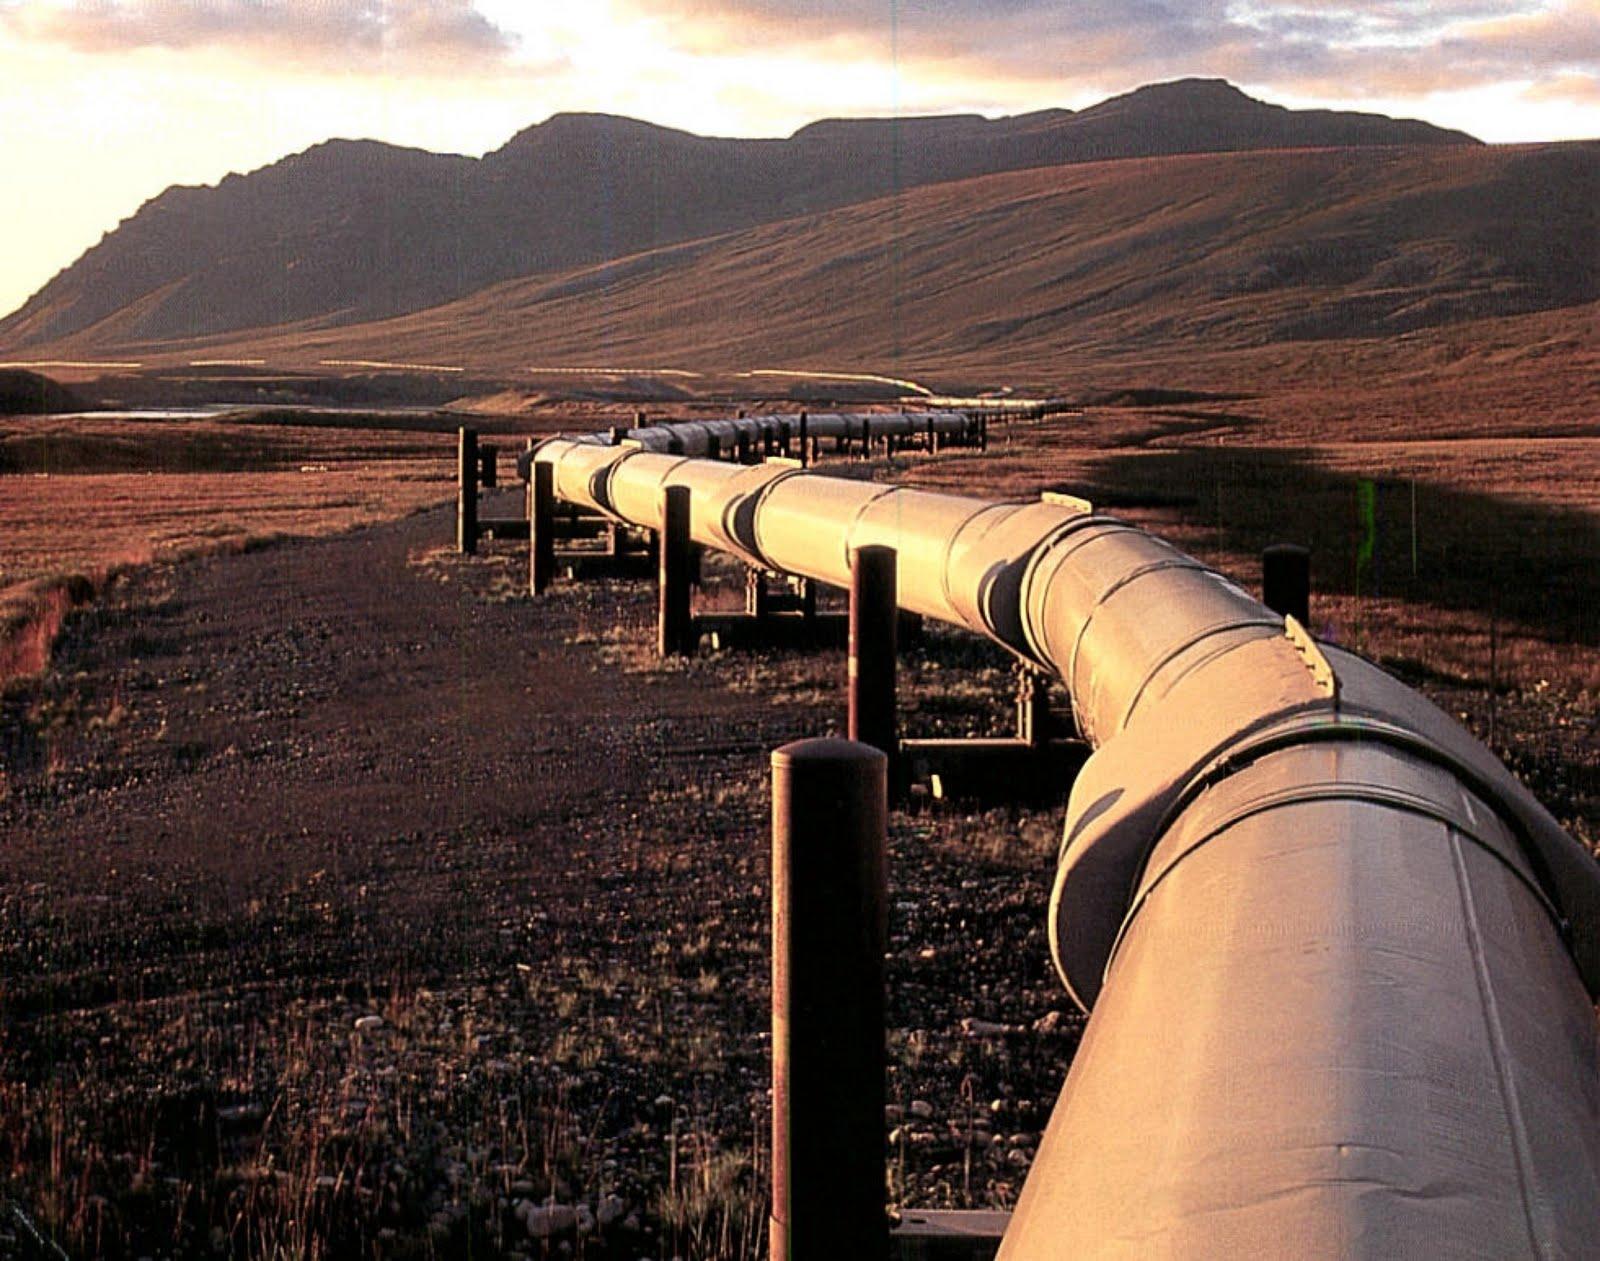 Para el 2019 el incremento de la red de gasoductos será del 66 por ciento con respecto a 2012, con lo que la red alcanzará una longitud de 18 mil 800 kilómetros: PJC